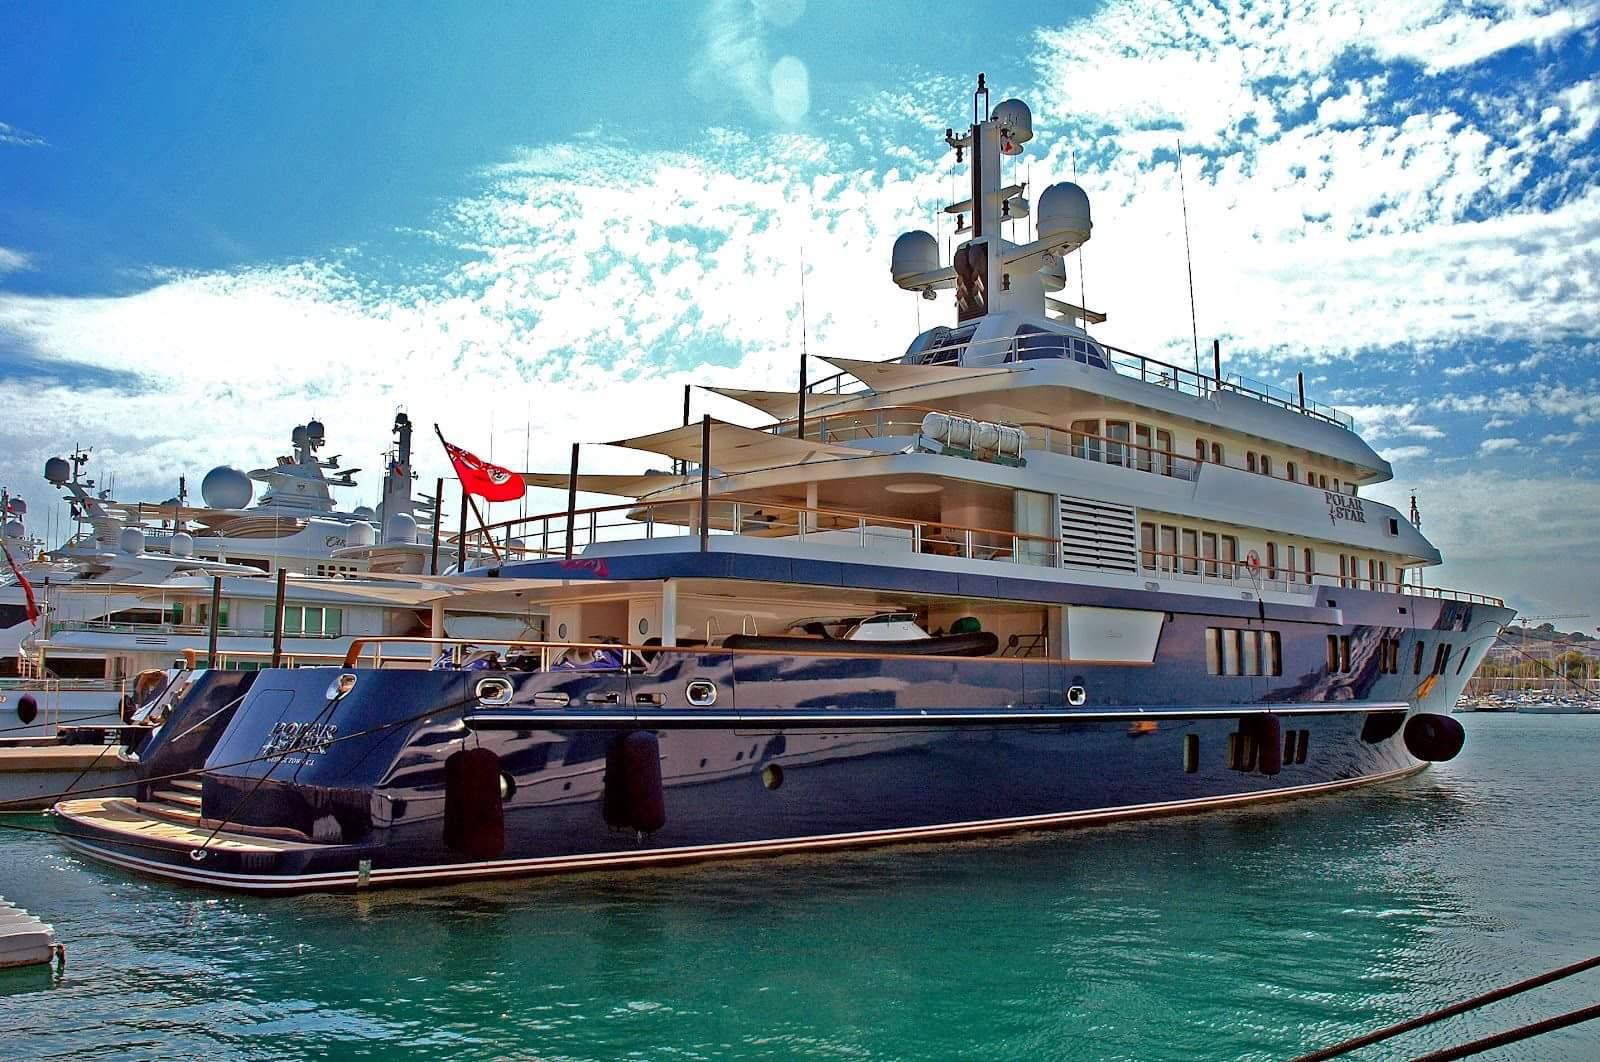 Yacht antibes, port vauban, Visite guidée